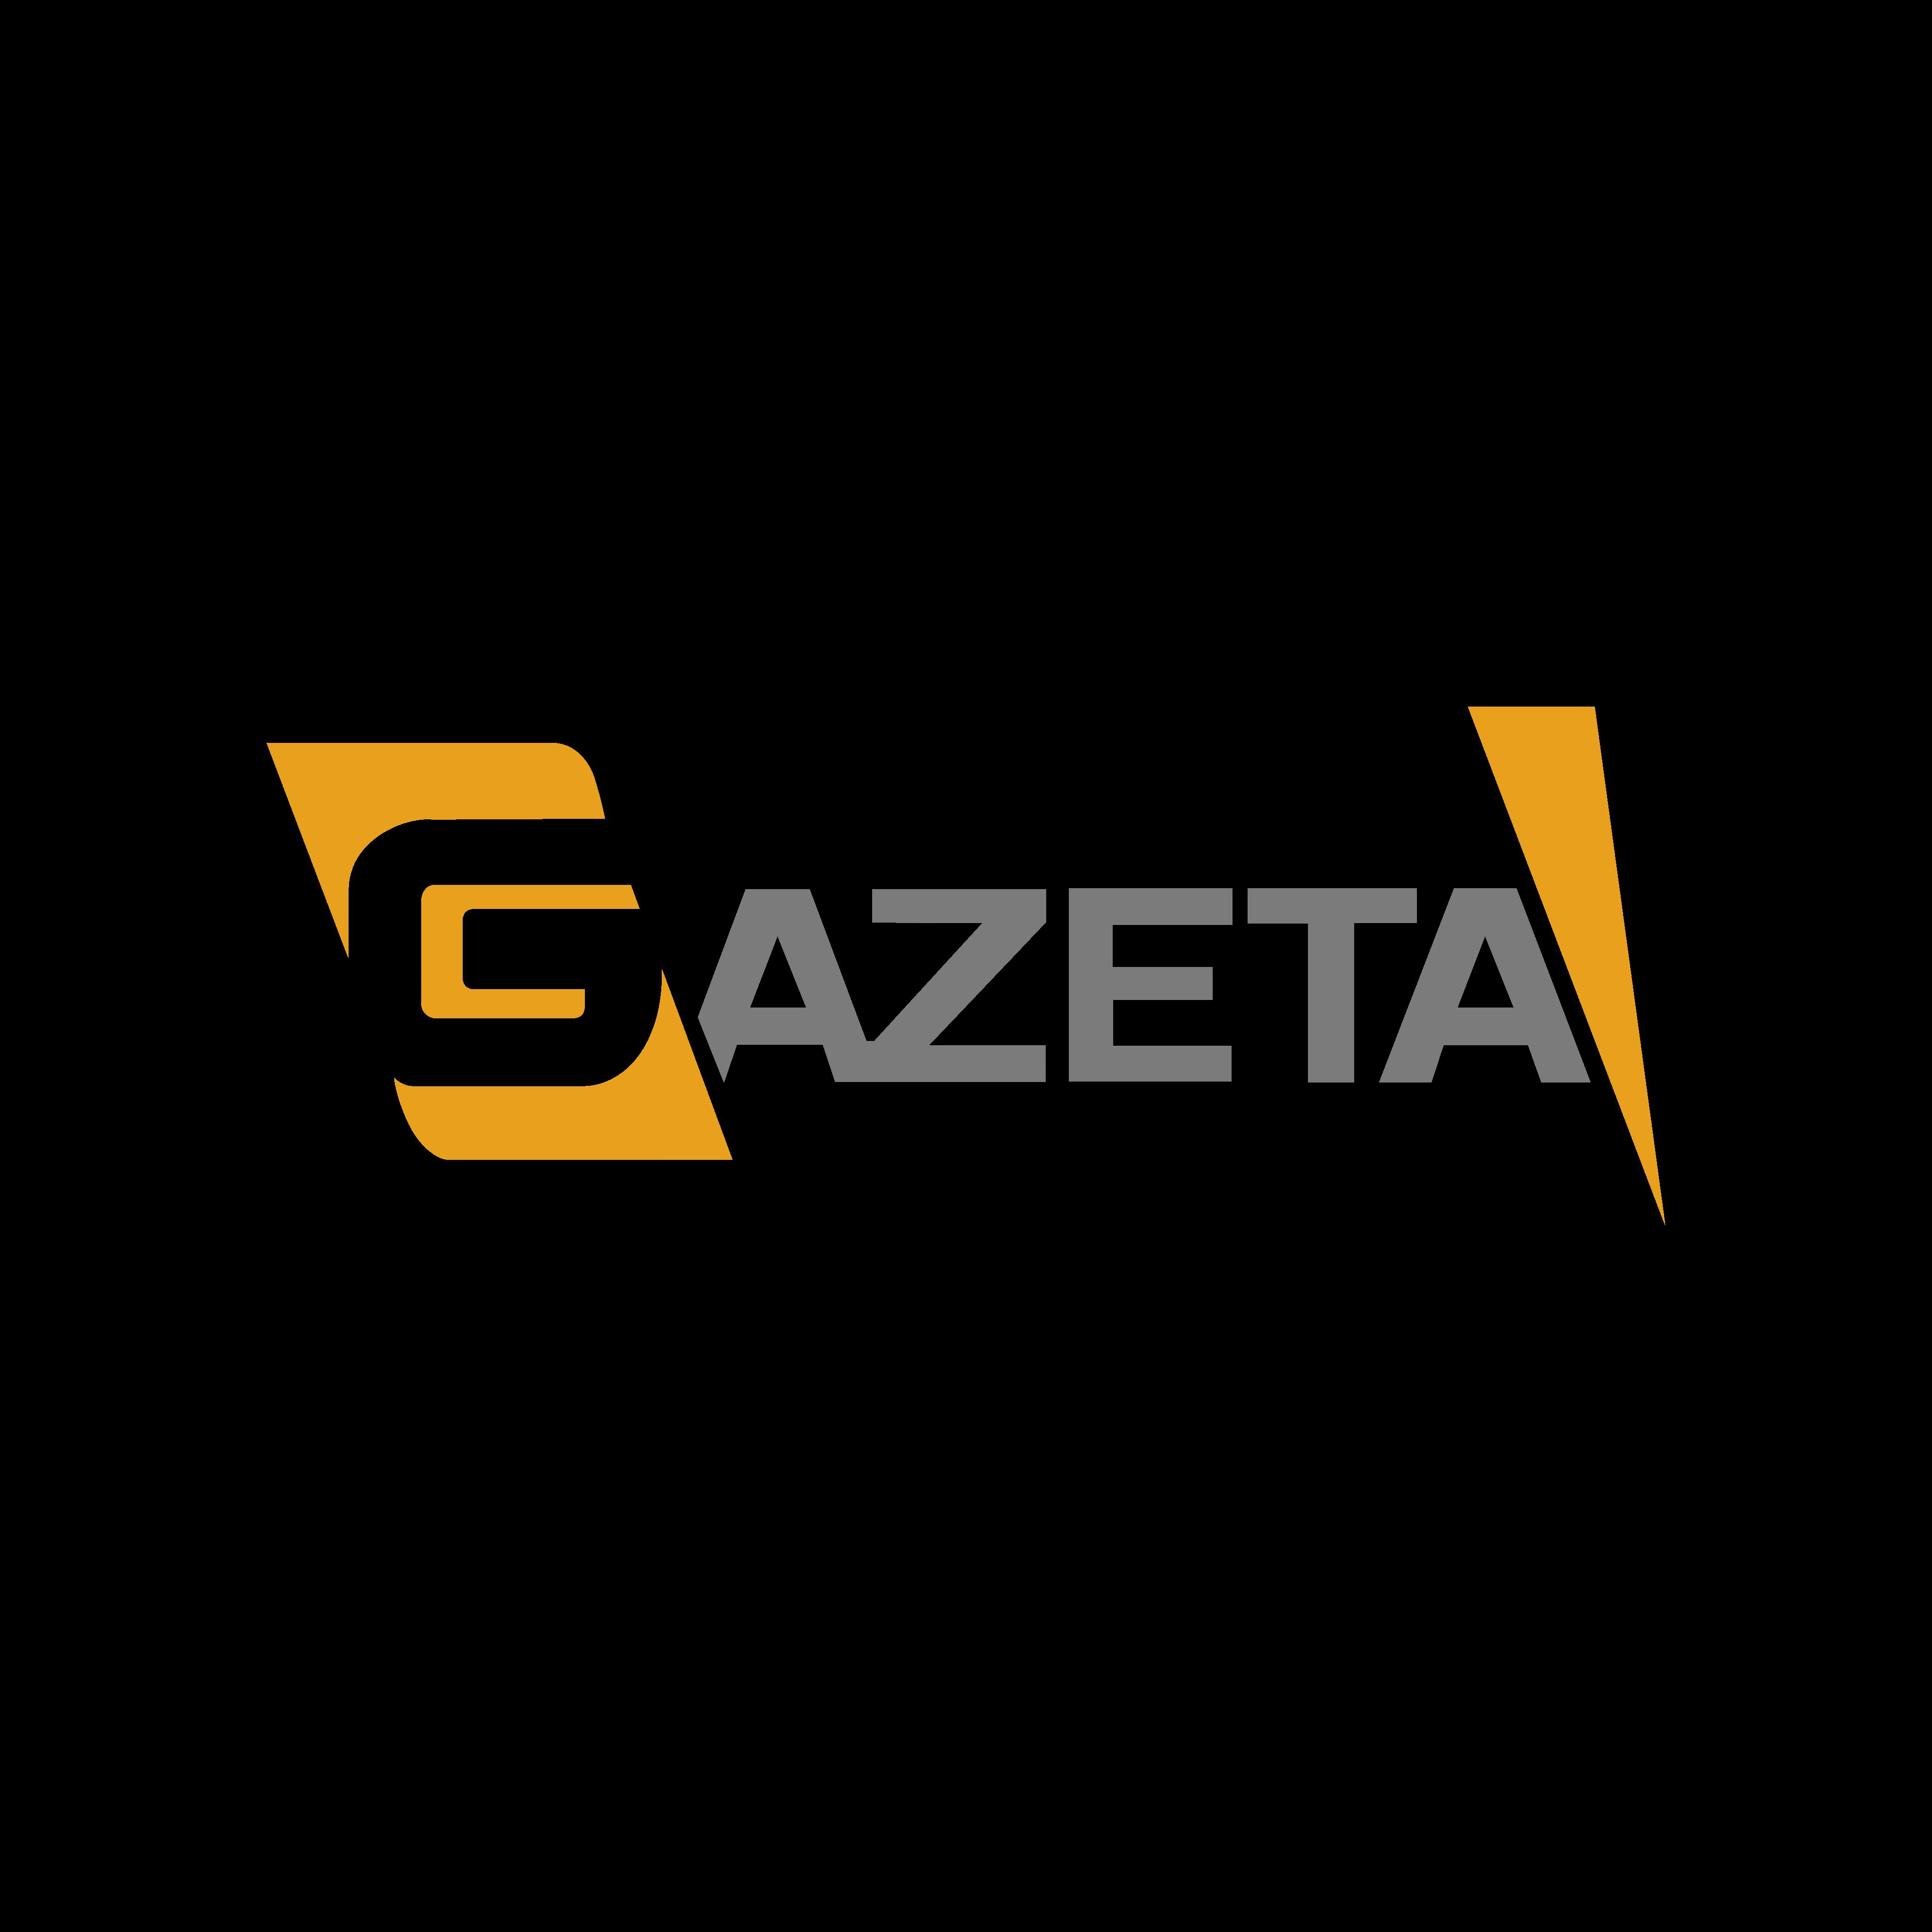 TV Gazeta Logo PNG.